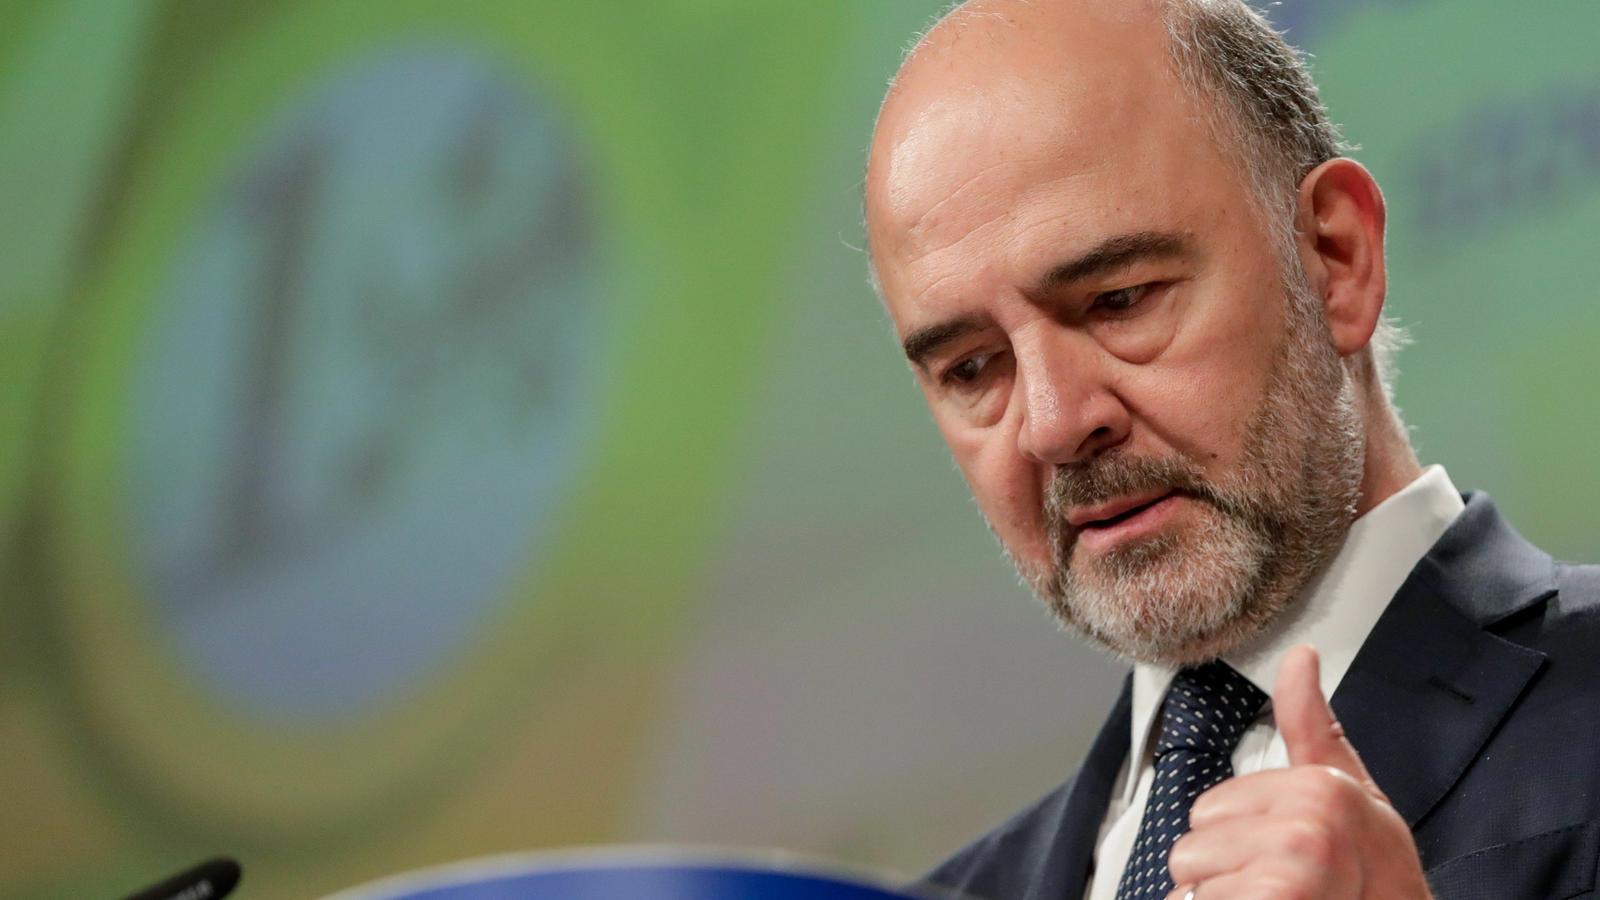 Els buits que mantenen inacabada la unió monetària europea